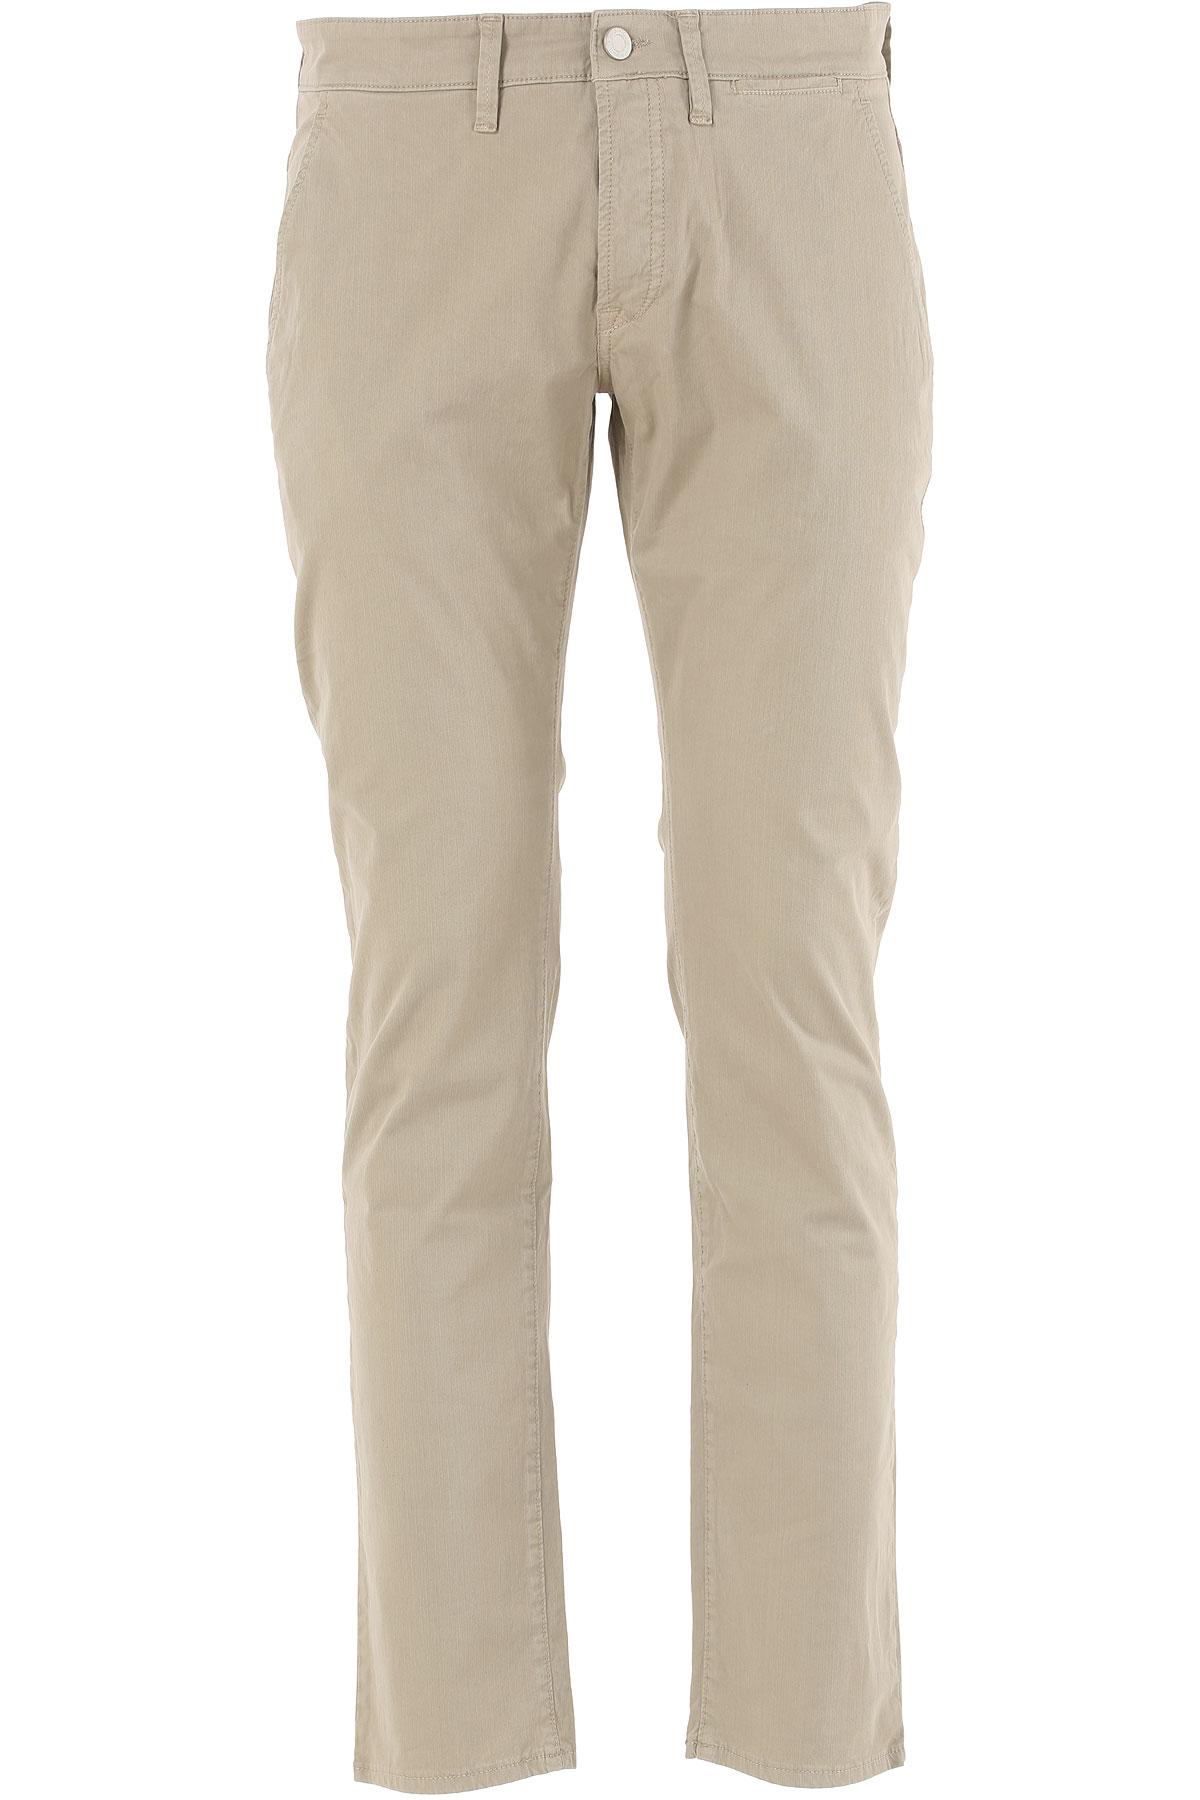 Siviglia Pantalon Homme Pas cher en Soldes, Safari, Coton, 2017, 46 48 51 54 56